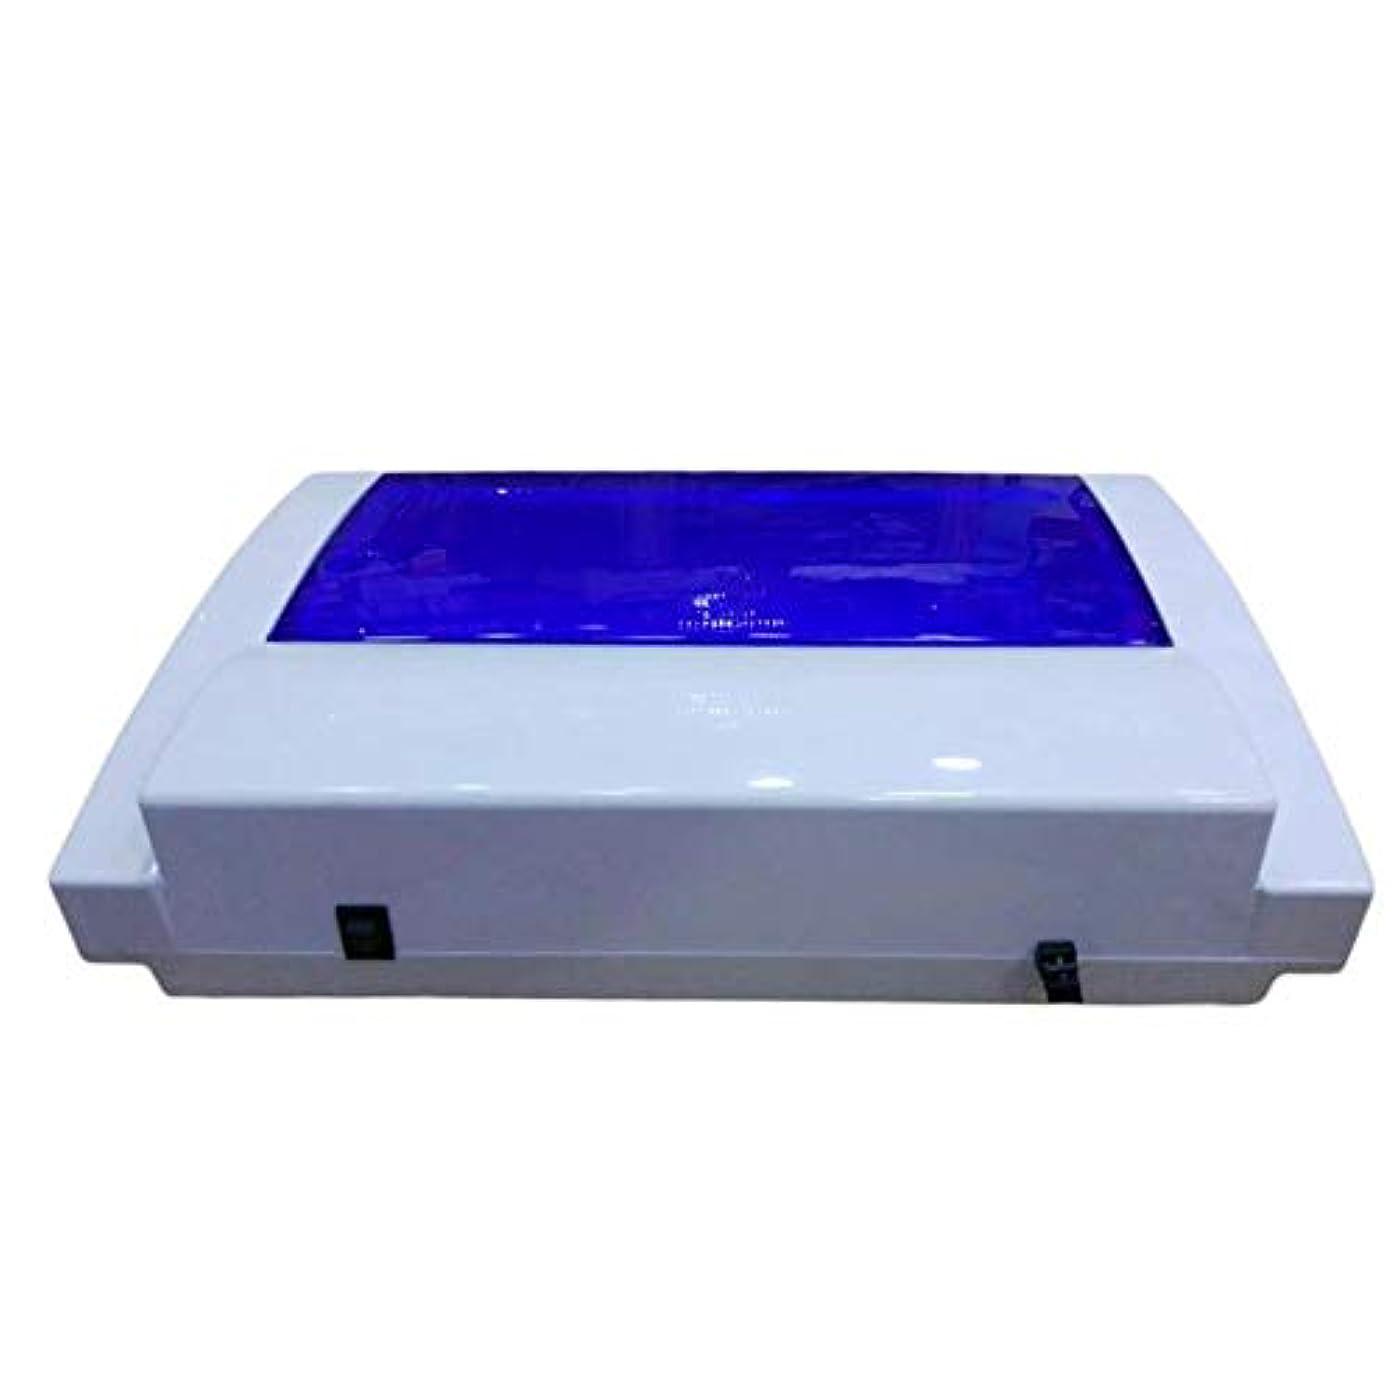 フロー小間閉じるネイル殺菌装置UV消毒キャビネット高温ドライヤーネイルマニキュアサロンツール治療消毒機